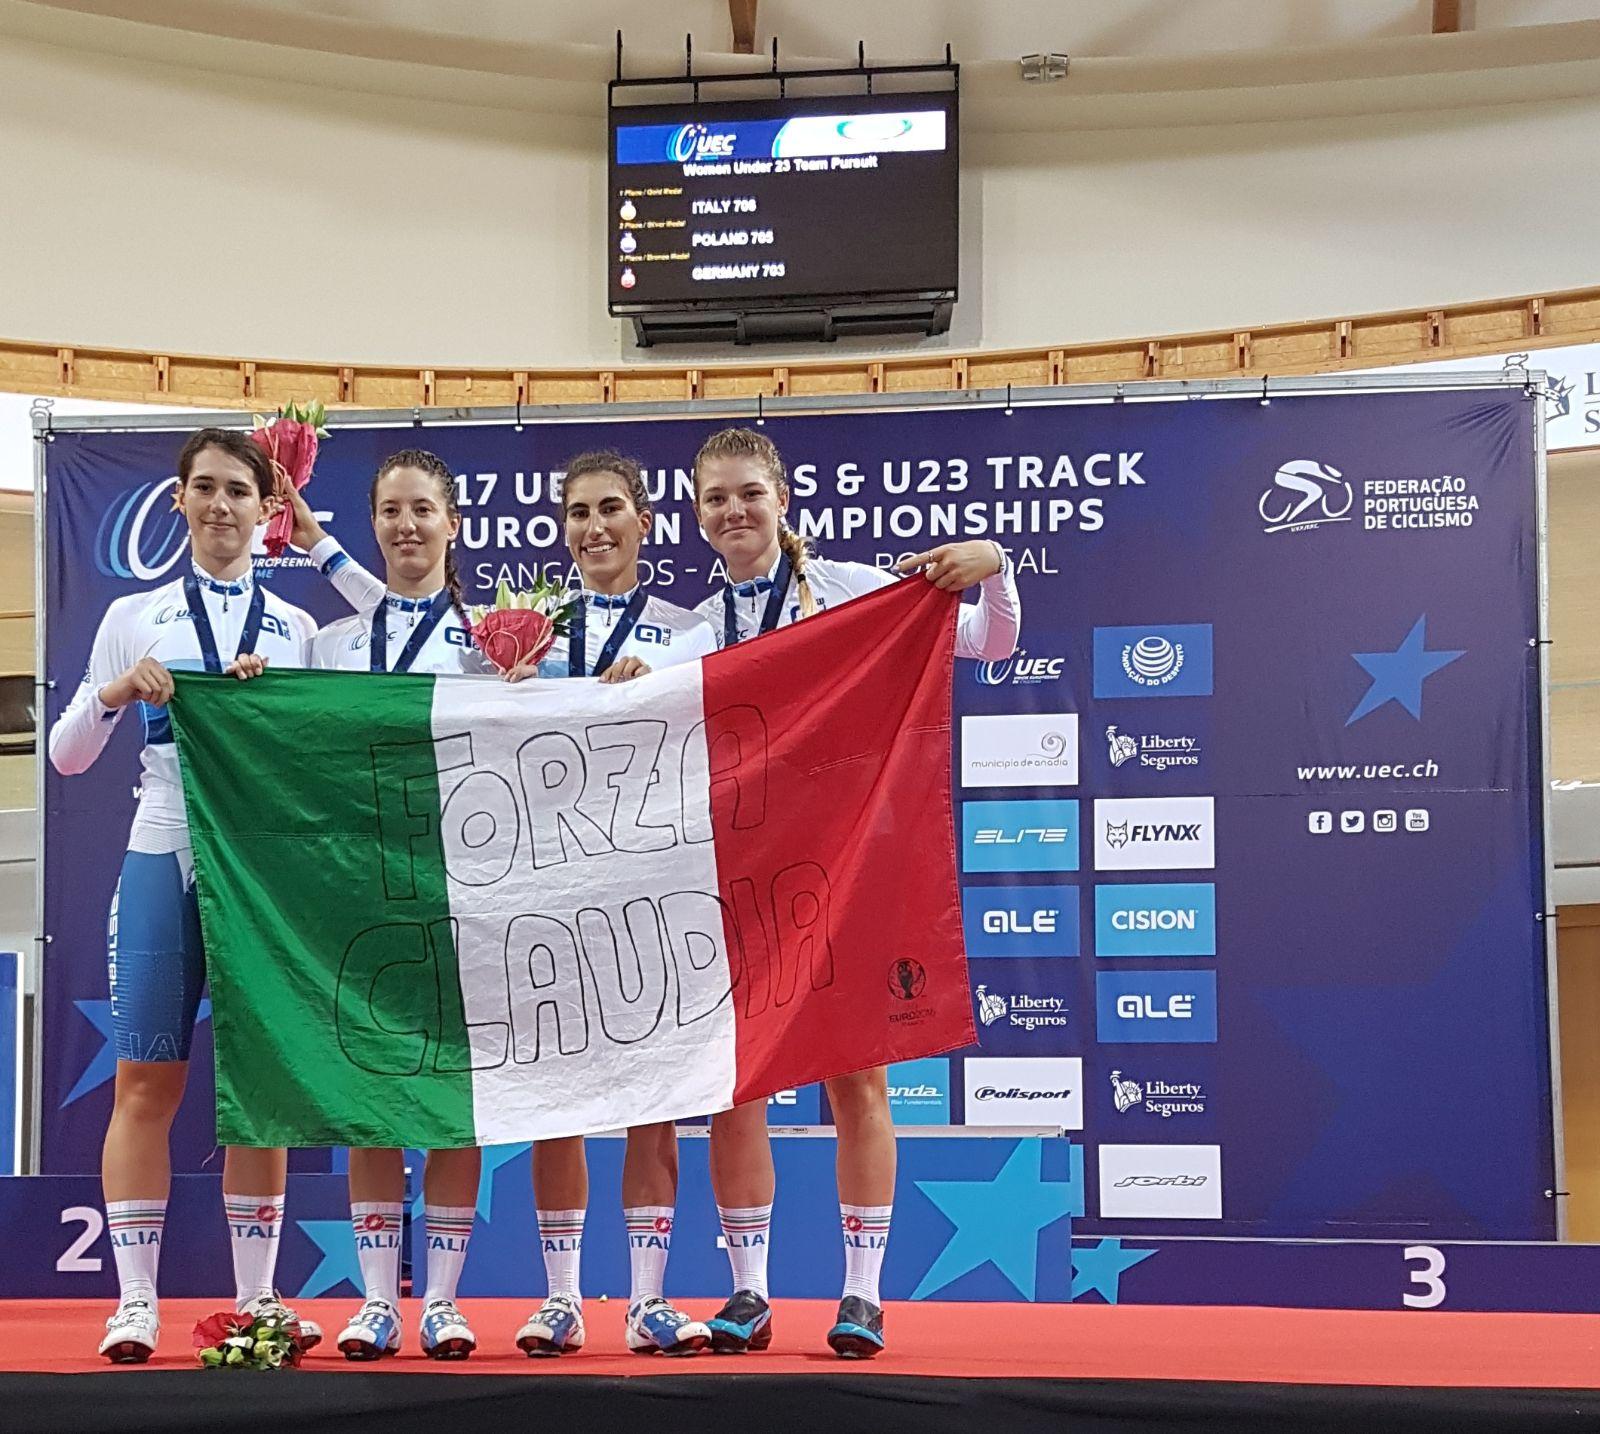 Le neo campionesse d'Europa dedicano la vittoria alla compagna Claudia Cretti